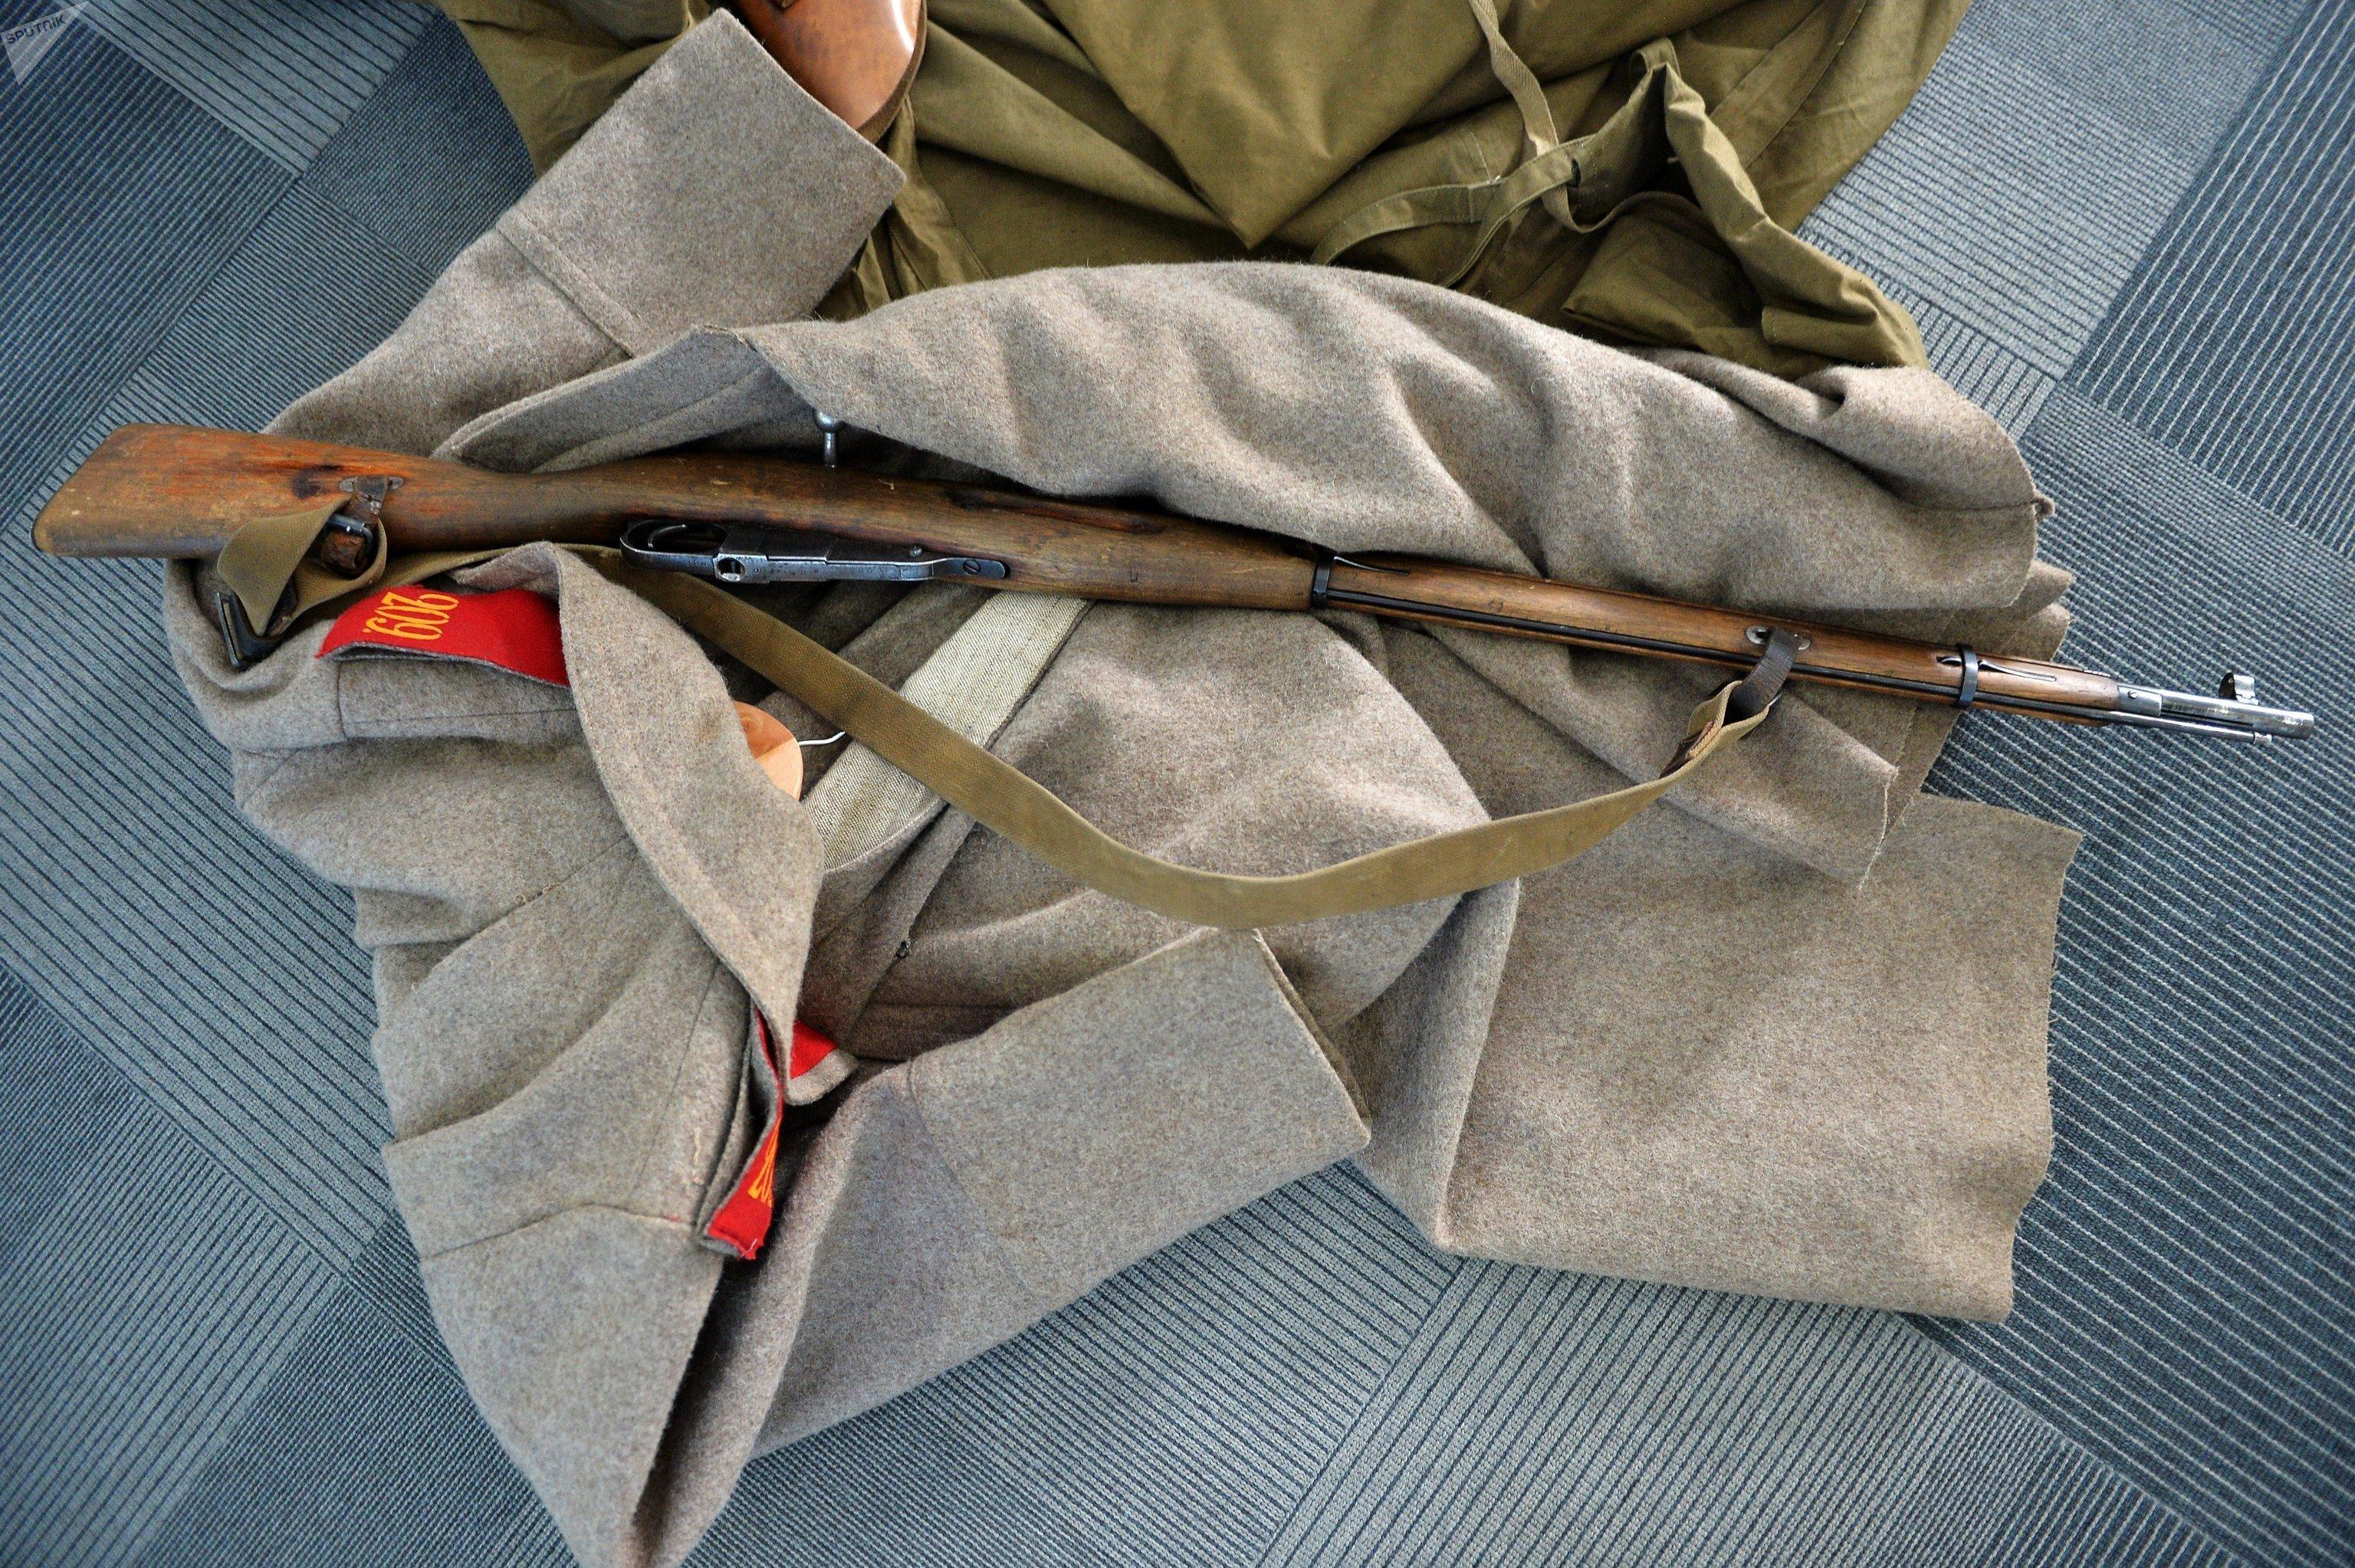 Fuzil de ação de culatra Mosin-Nagant, usado pelo Exército Imperial russo desde 1891